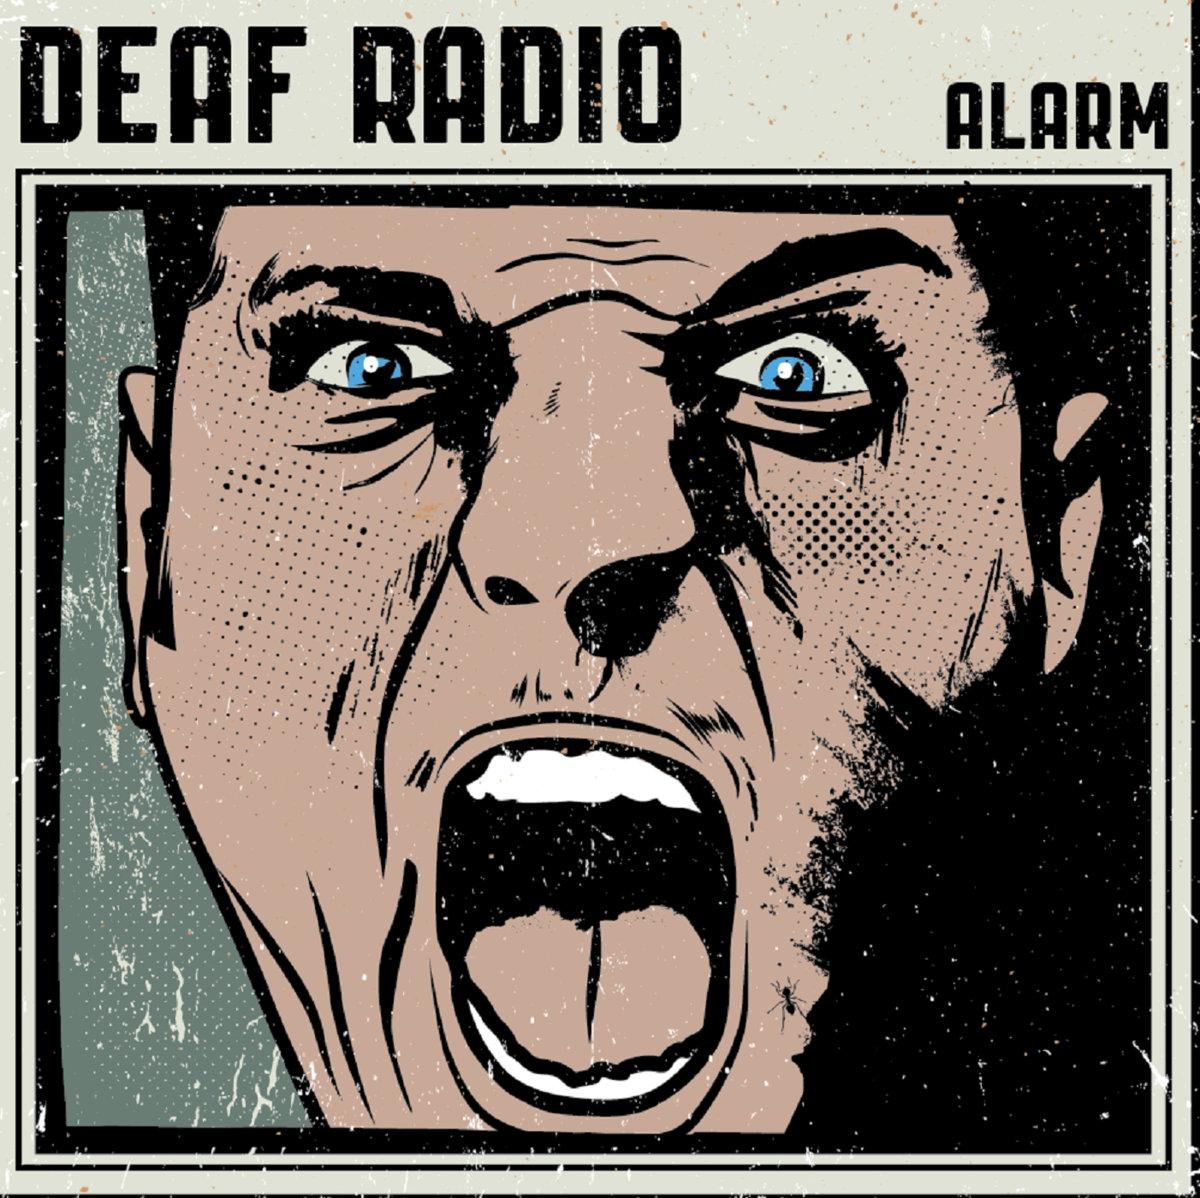 Alarm_Album Cover